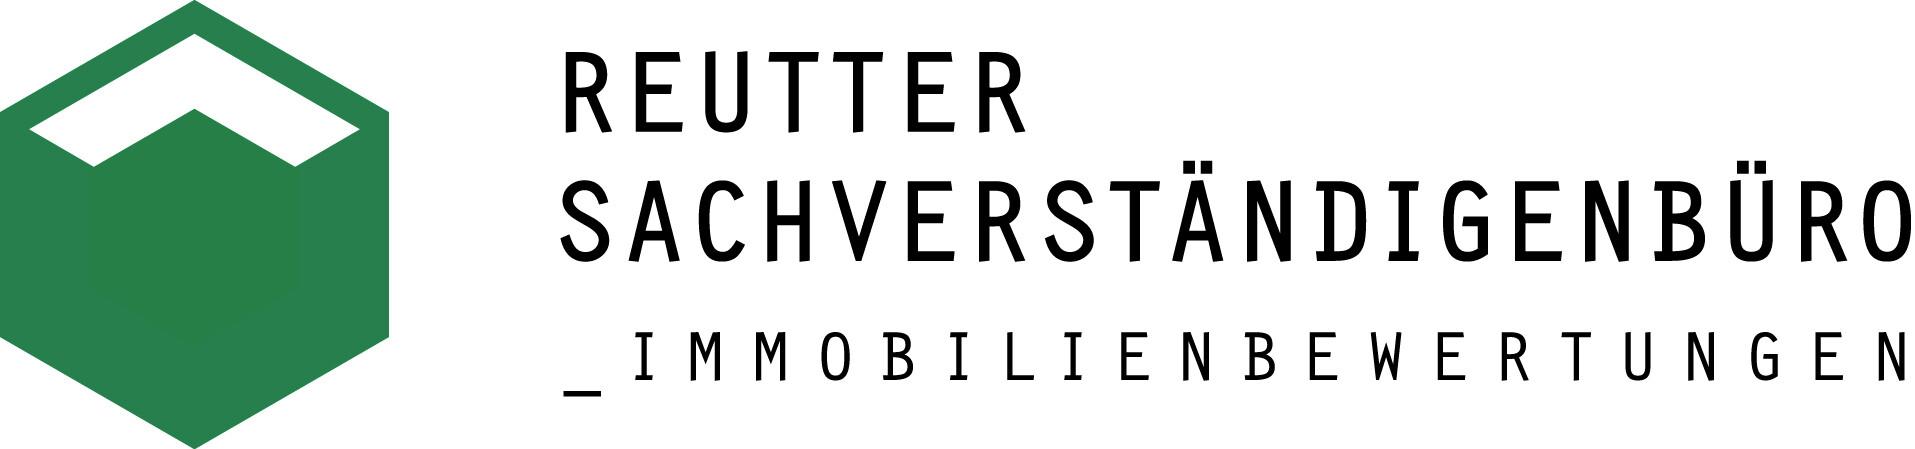 Logo Reutter Sachverständigenbüro Immobilienbewertung